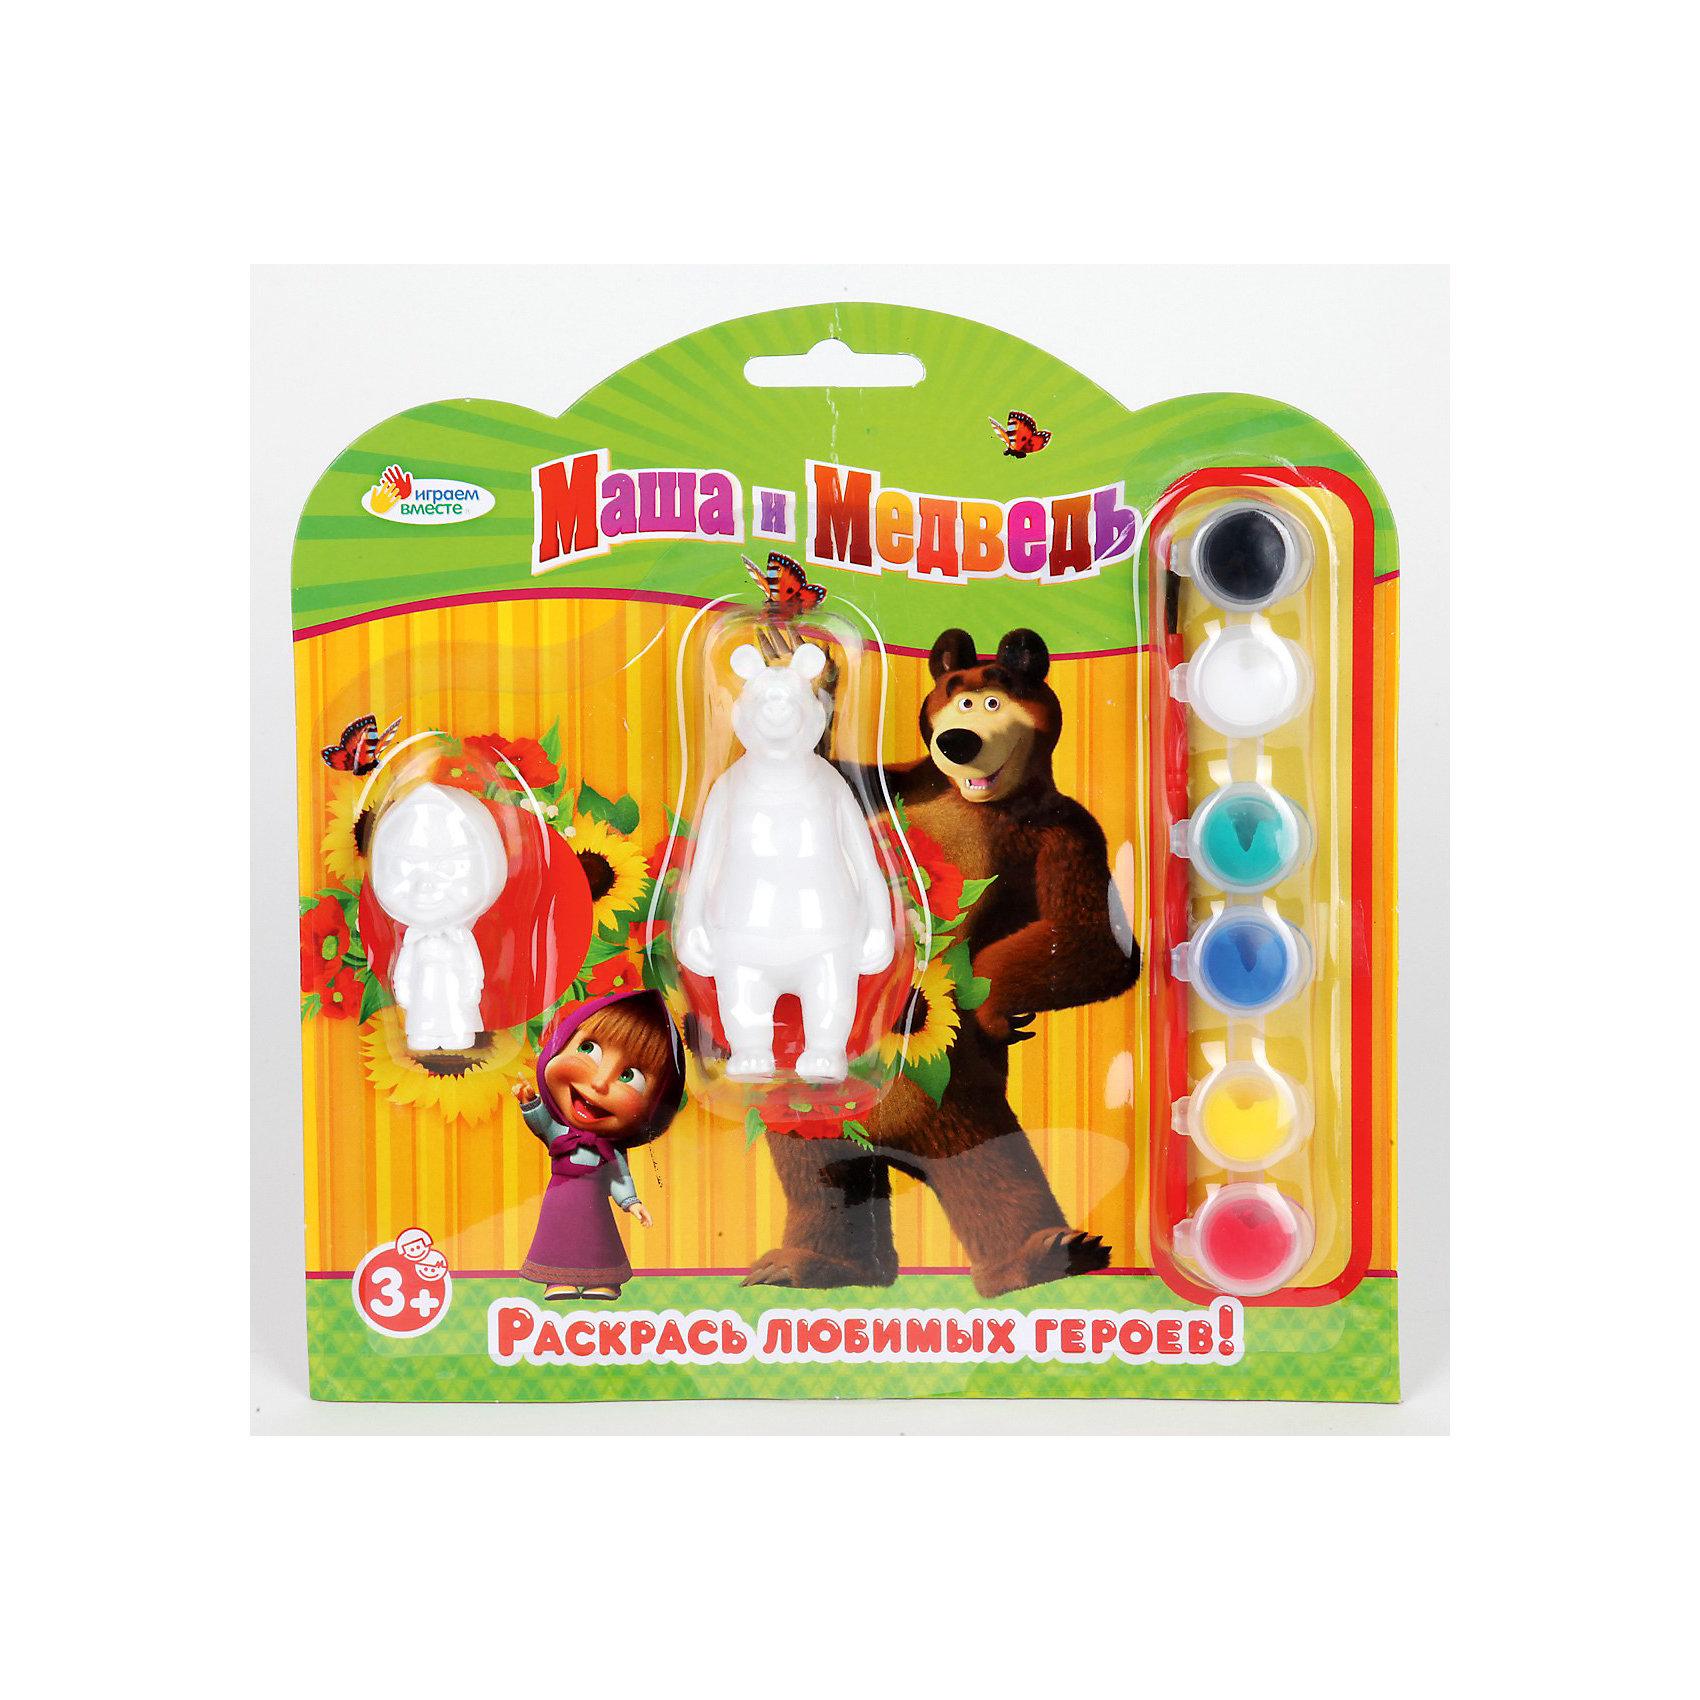 Набор-раскраска, Маша и Медведь,  2 фигуркиНабор-раскраска, Маша и Медведь,  2 фигурки. <br>Станет прекрасным подарком, развивающим творческие способности Вашего малыша. Понятная инструкция и полный комплект всего необходимого помогут Вашему юному художнику создать настоящий шедевр! <br><br>Дополнительная информация:<br><br>В набор входит:<br>2 фигурки из гипса, <br>кисточка и краски 6 цветов.<br><br>Надолго сохранит воспоминания о прекрасных минутах творчества!<br>Можно с легкостью приобрести в нашем интернет-магазине!<br><br>Ширина мм: 40<br>Глубина мм: 210<br>Высота мм: 210<br>Вес г: 160<br>Возраст от месяцев: 48<br>Возраст до месяцев: 84<br>Пол: Женский<br>Возраст: Детский<br>SKU: 3361243